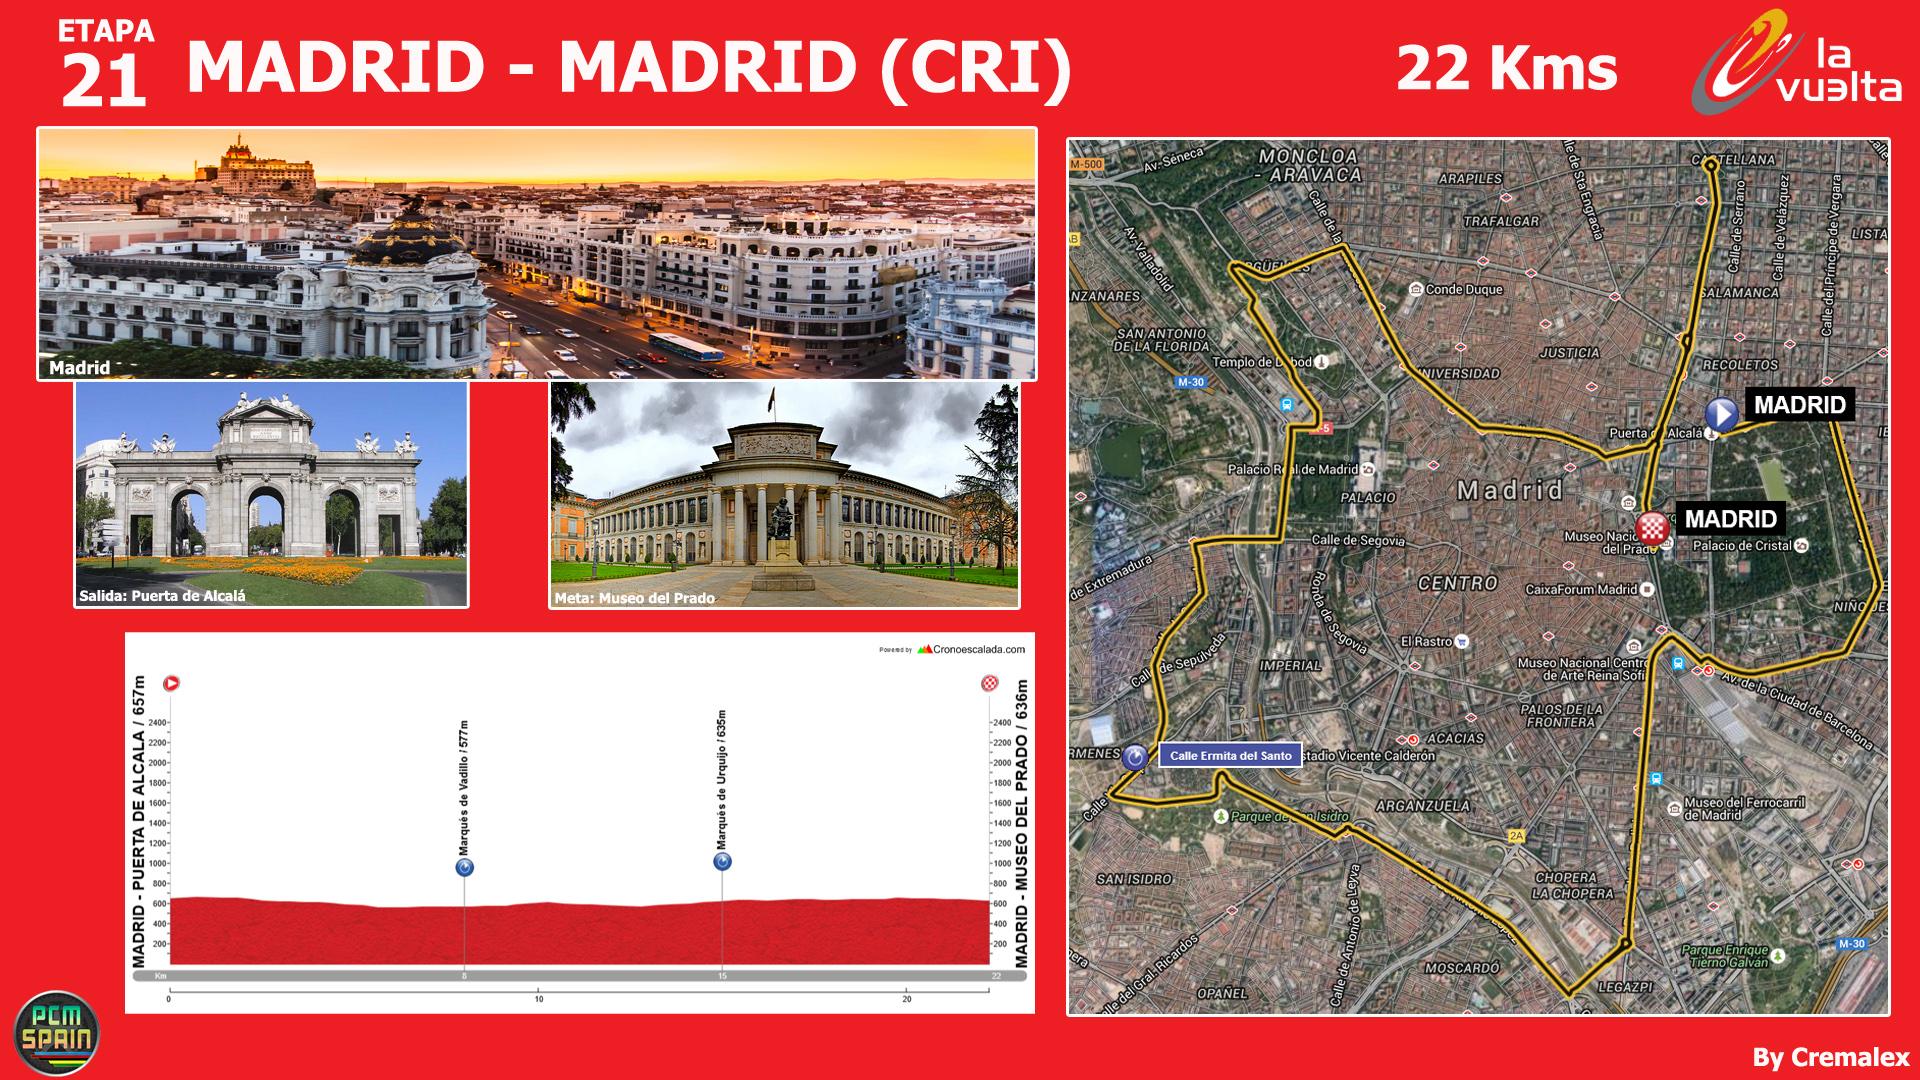 Concurso Vuelta a España 2015 - Página 6 130674Etapas21